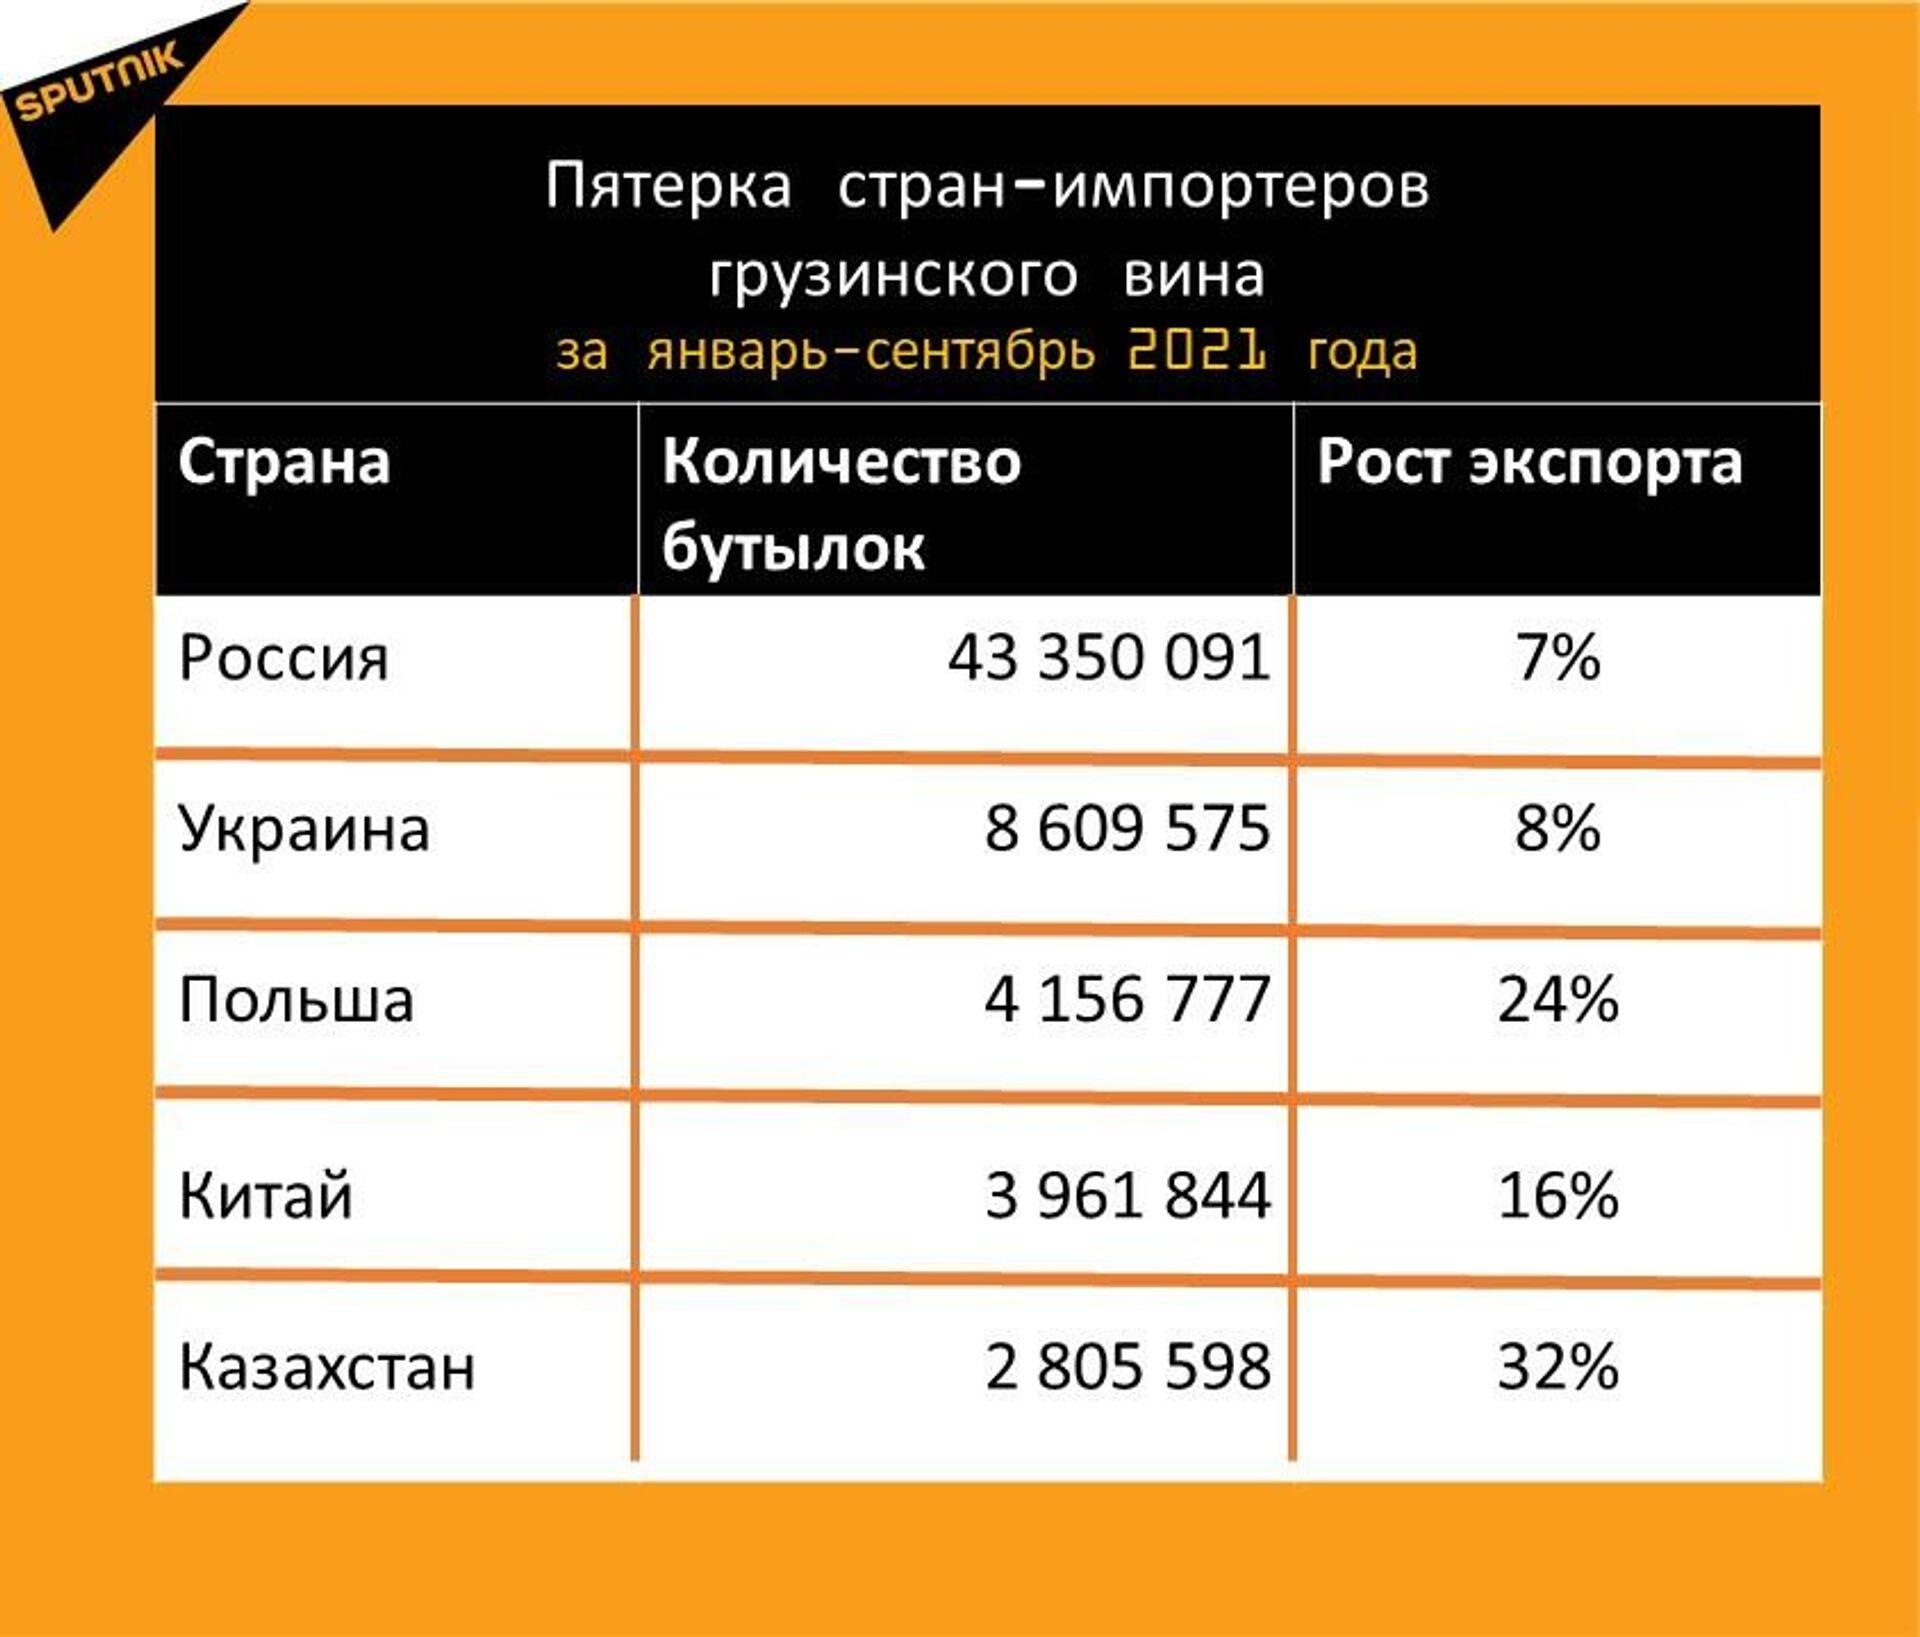 Статистика экспорта грузинского вина за январь-сентябрь 2021 года - Sputnik Грузия, 1920, 09.10.2021